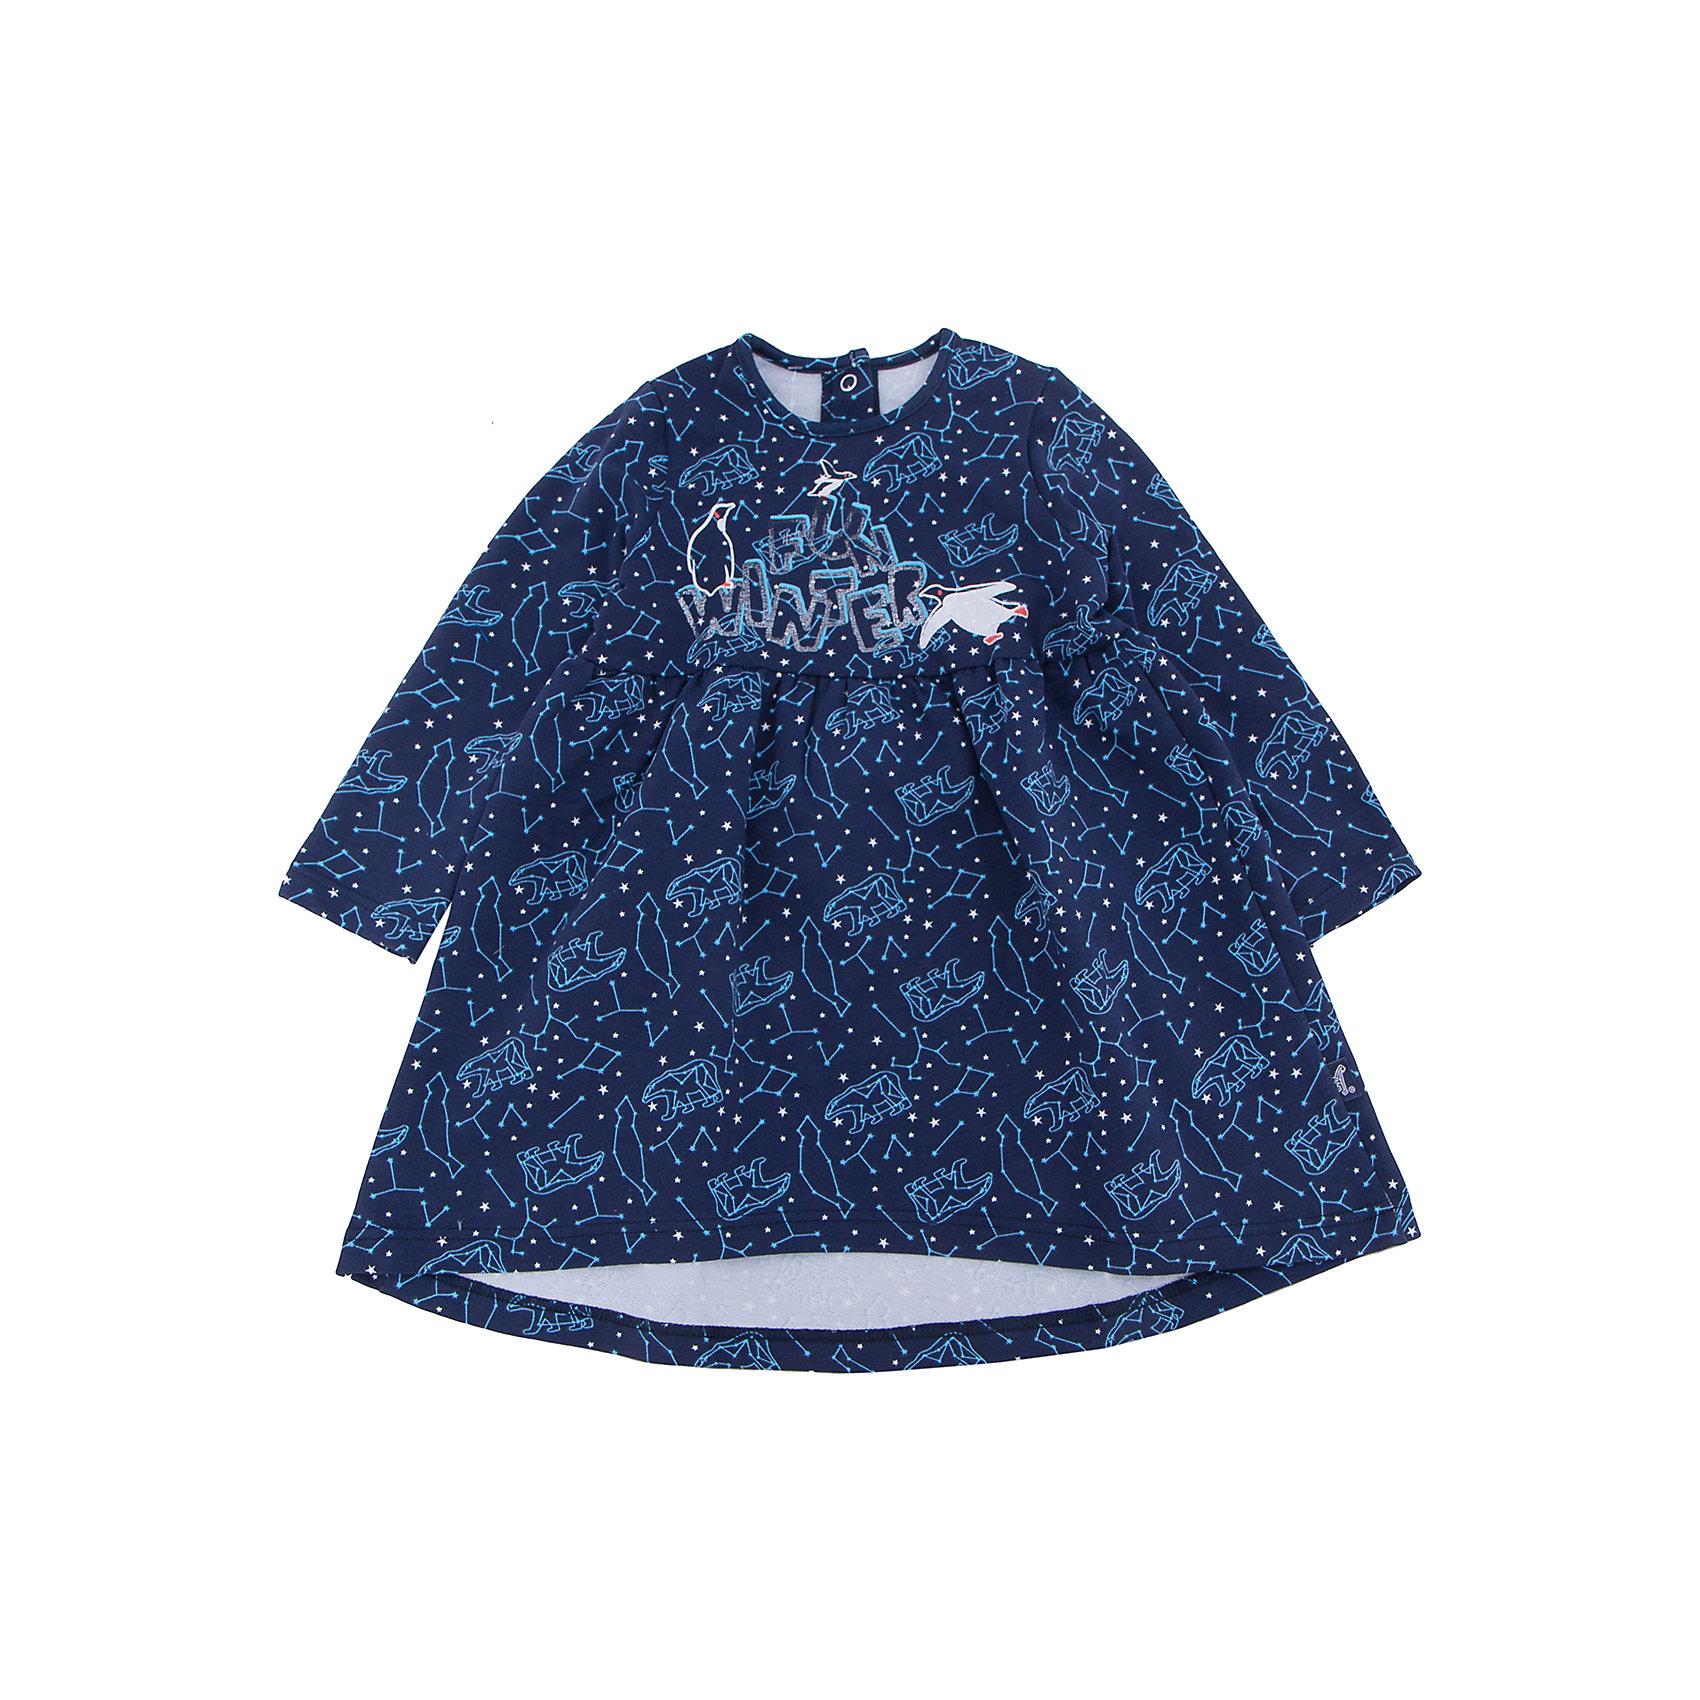 Платье для девочки АпрельПлатья и сарафаны<br>Платье для девочки от известного бренда Апрель.<br><br>Состав:<br>хлопок 95% + лайкра 5%<br><br>Ширина мм: 236<br>Глубина мм: 16<br>Высота мм: 184<br>Вес г: 177<br>Цвет: синий<br>Возраст от месяцев: 36<br>Возраст до месяцев: 48<br>Пол: Женский<br>Возраст: Детский<br>Размер: 104,116,86,92,98,110<br>SKU: 5173299